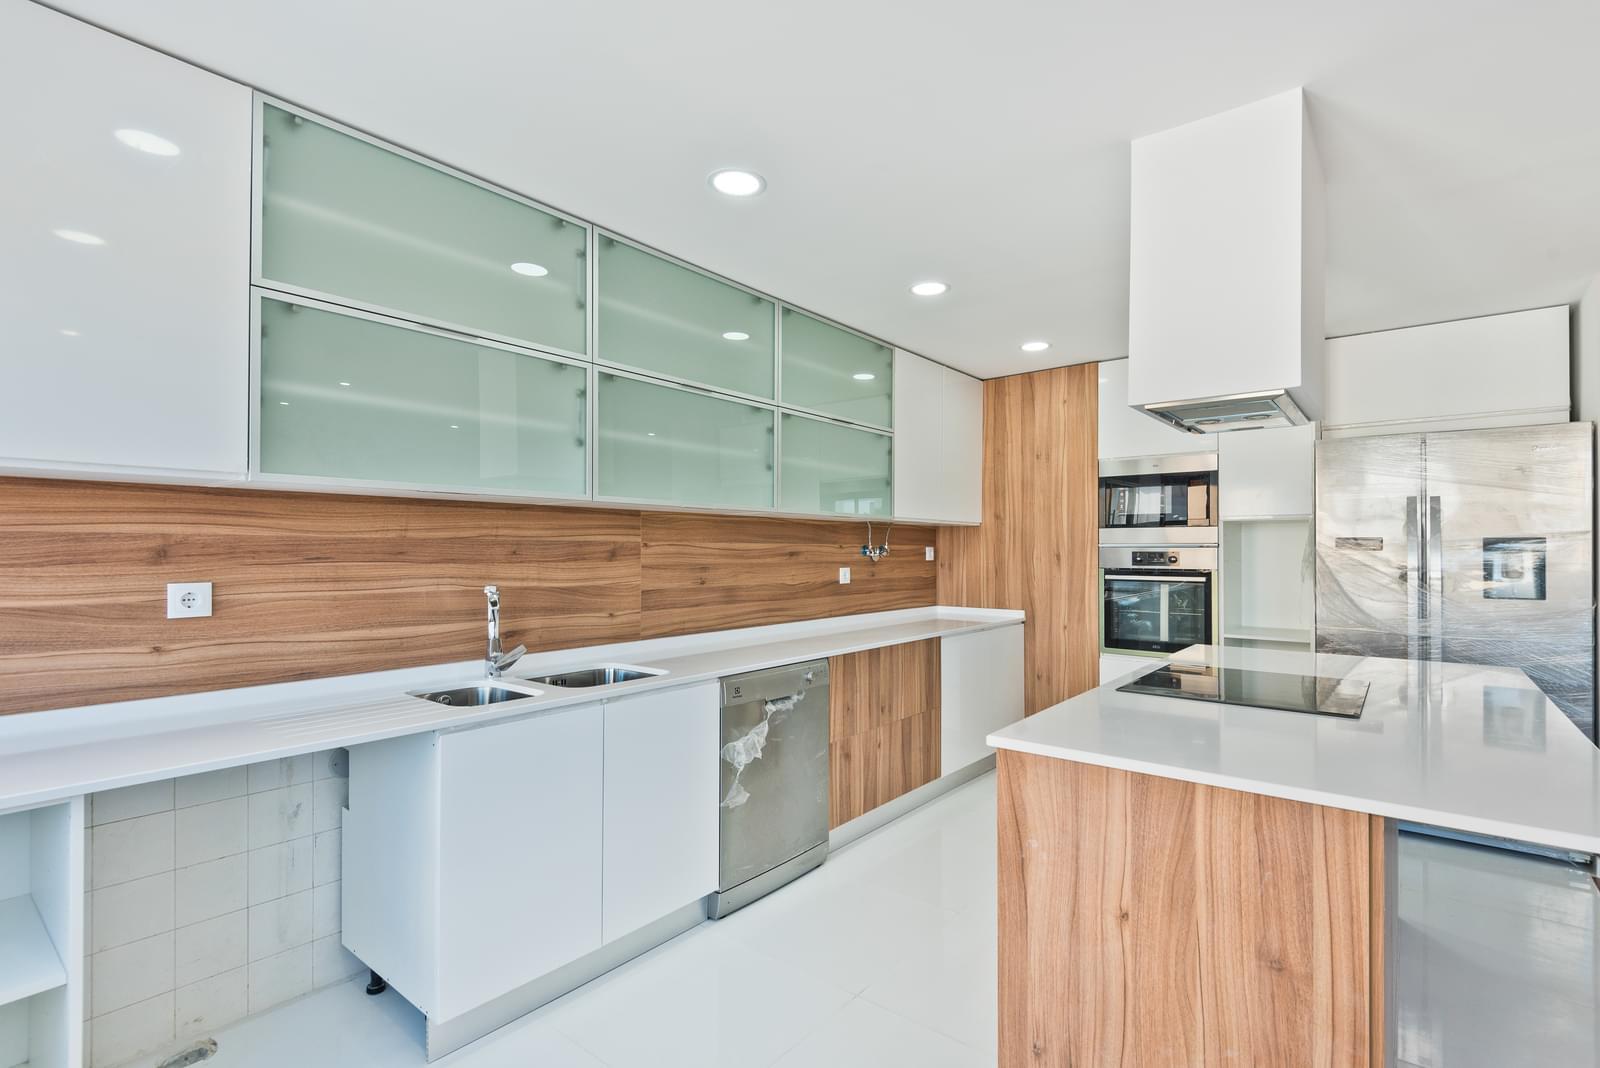 pf18963-apartamento-t5-cascais-3fed0671-0935-4ffd-b0bb-a3d5be2cb3dc